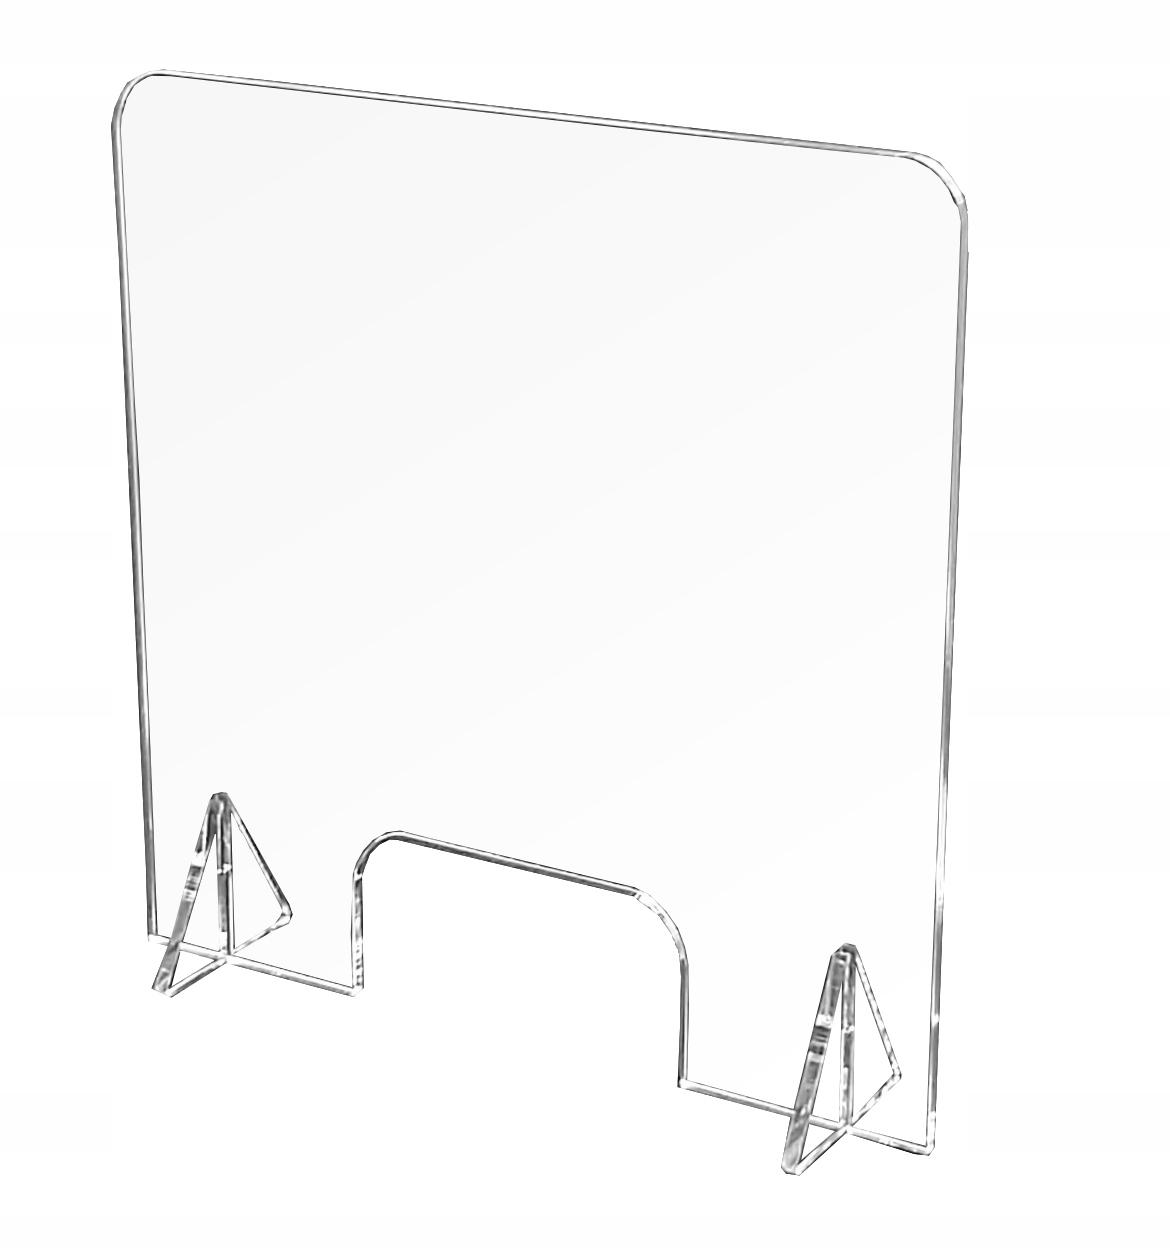 OSŁONA, PLEXI Ochrona AntyWirusowa na biurko 60x60